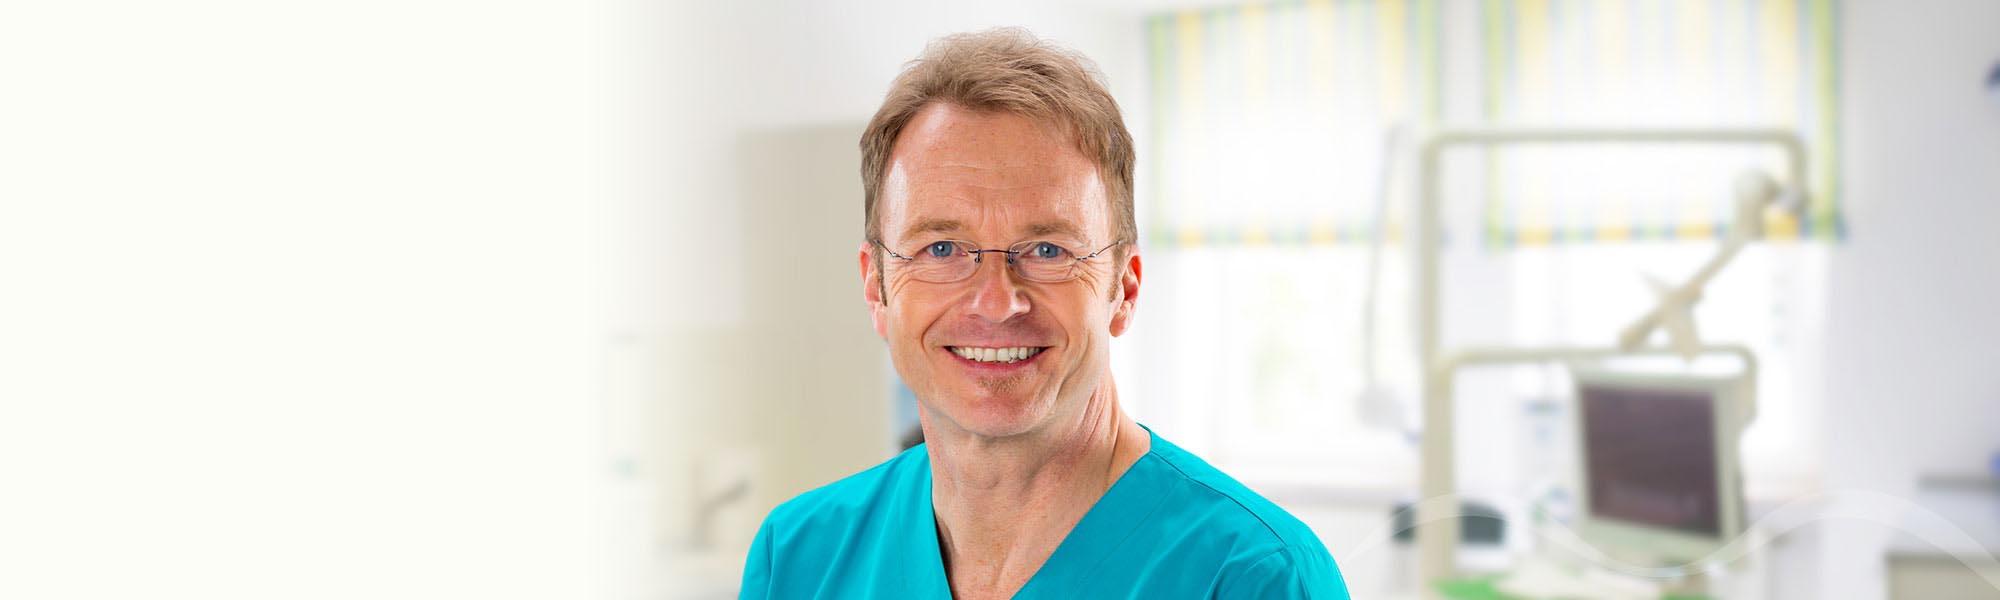 Zahnarzt Dr. Holler und Kollegen in Arzberg Fichtelgebirge Leistung Kiefergelenkstherapie Konservierende Leistungen